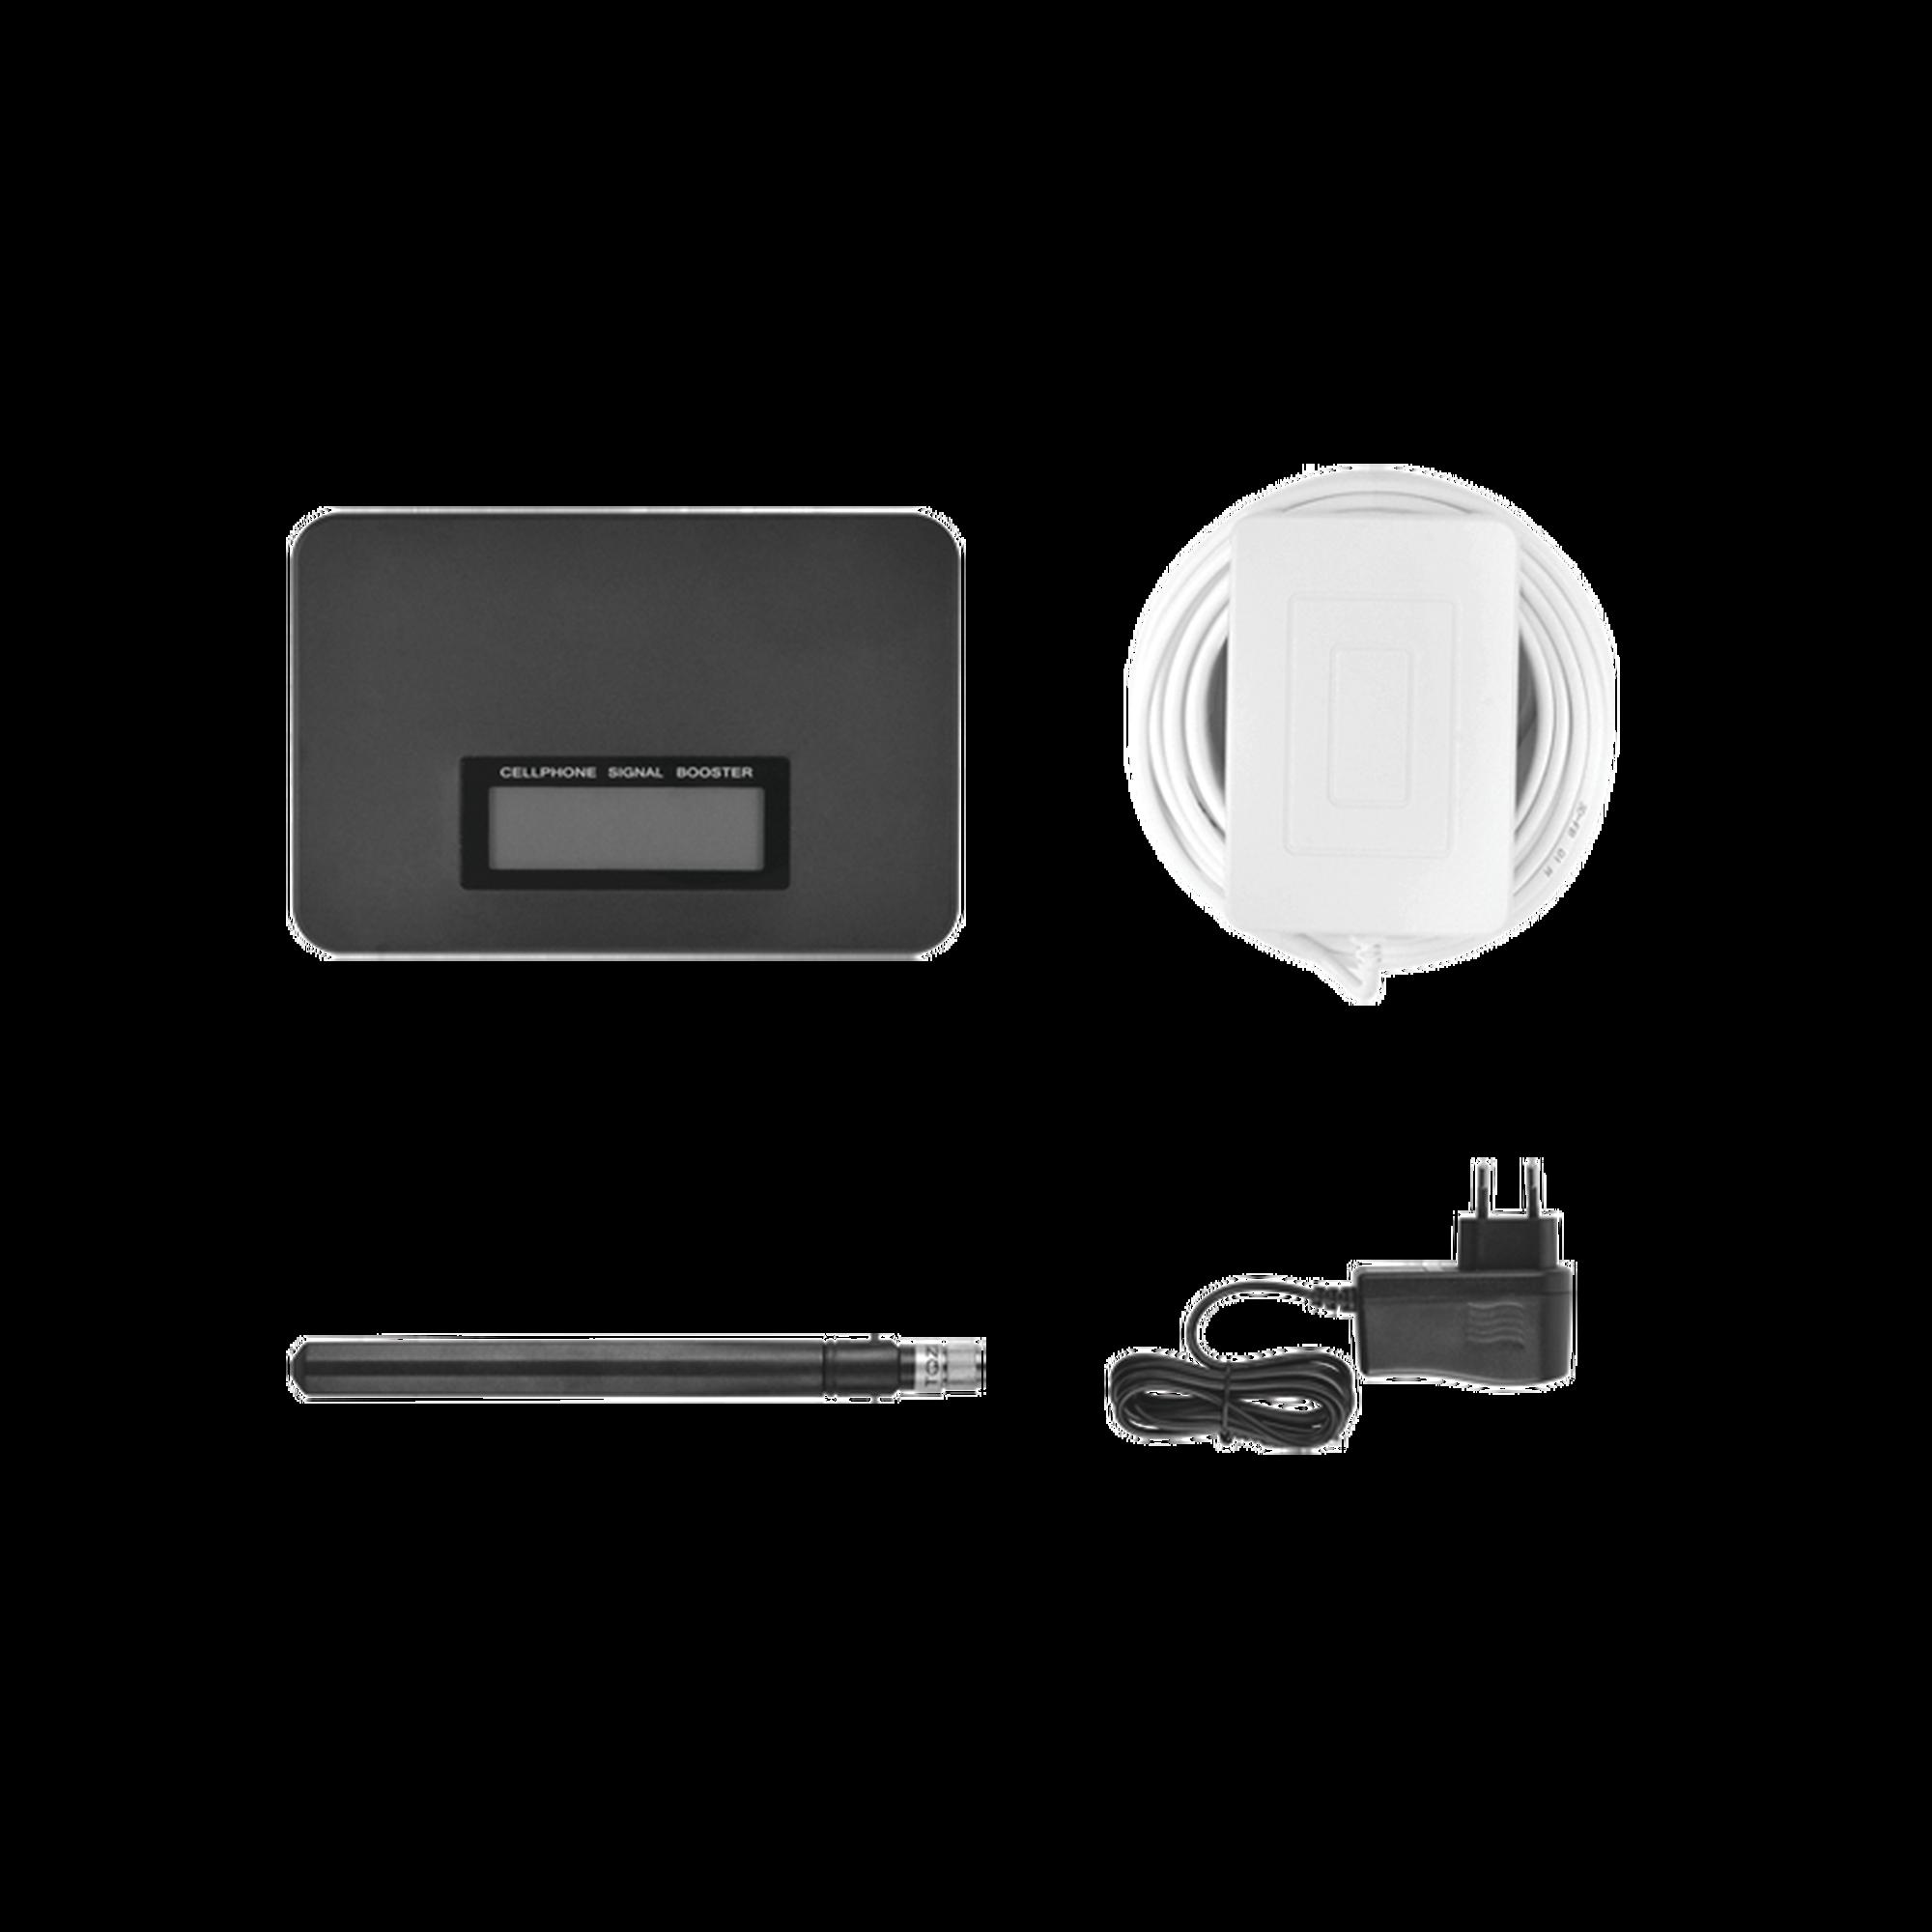 KIT de Amplificador de Señal Celular para Mejorar las llamadas telefónicas de TELCEL, MOVISTAR y AT&T | Mejora la transferencia de Datos 3G | Hasta 300 metros cuadrados de cobertura o de 1 a 3 habitaciones.